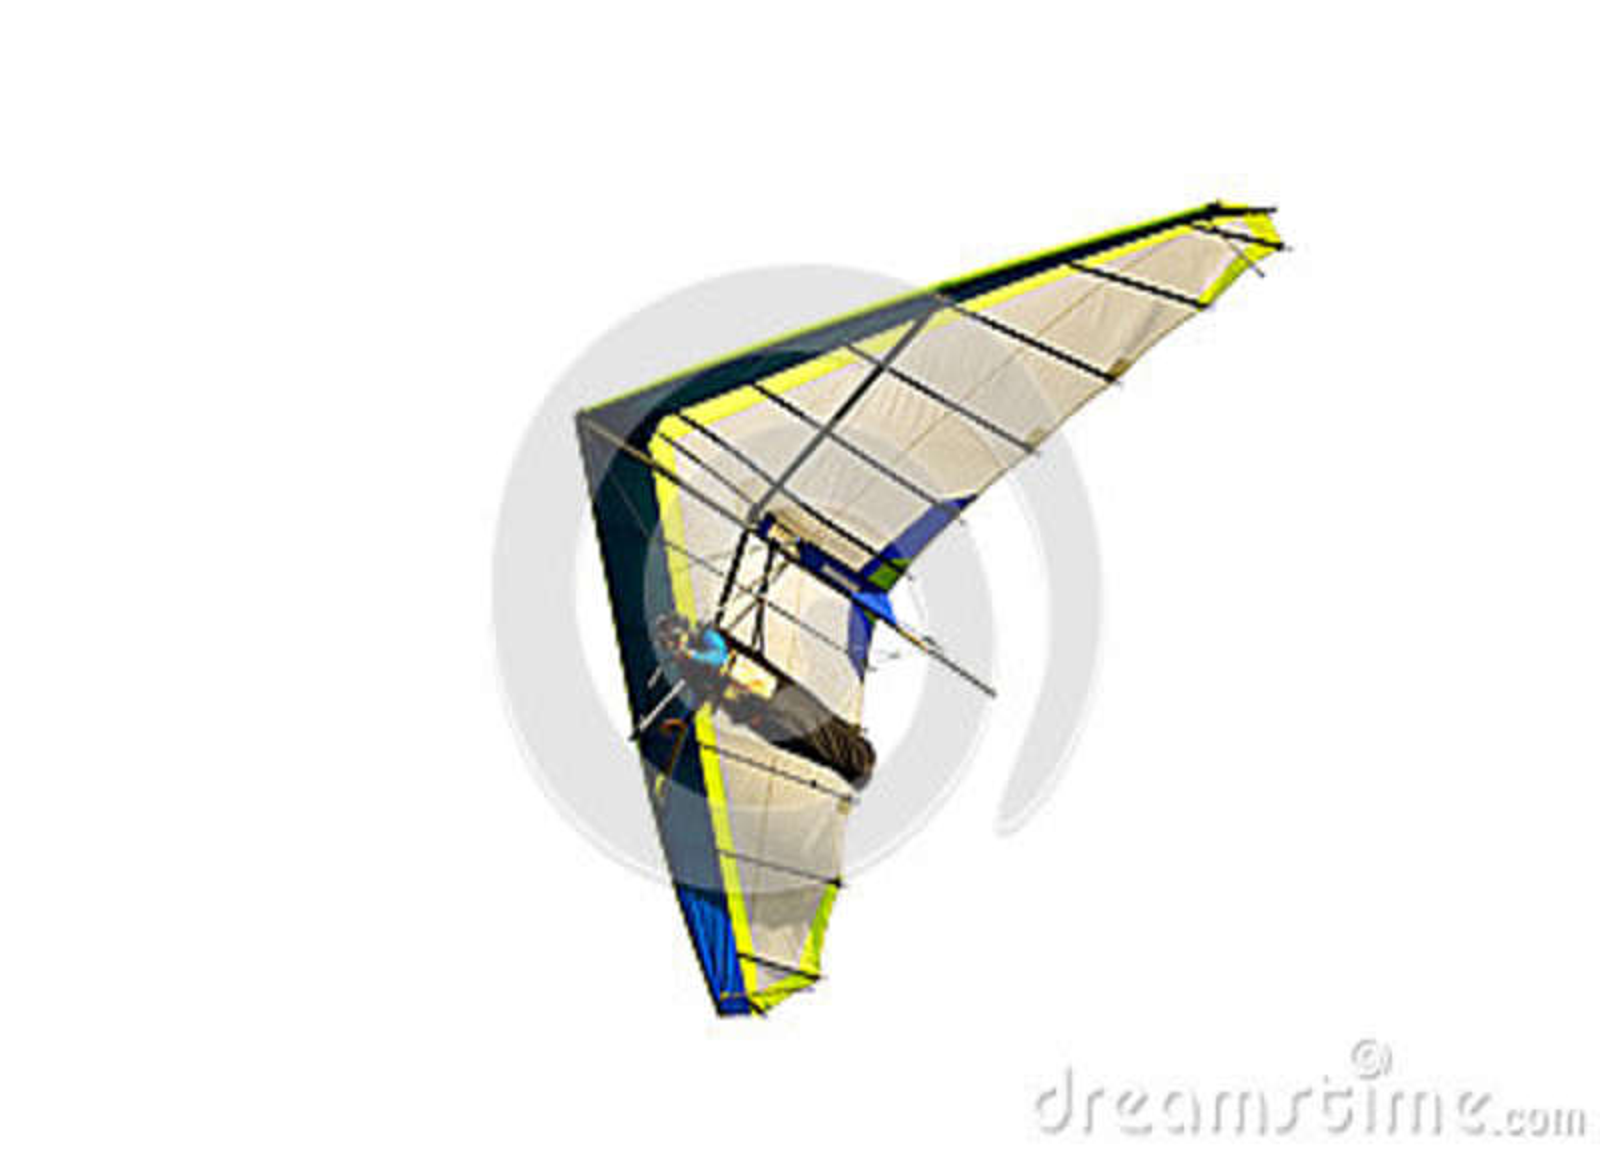 Planeador de caída azul y blanco en vuelo apagado, aislado en blanco